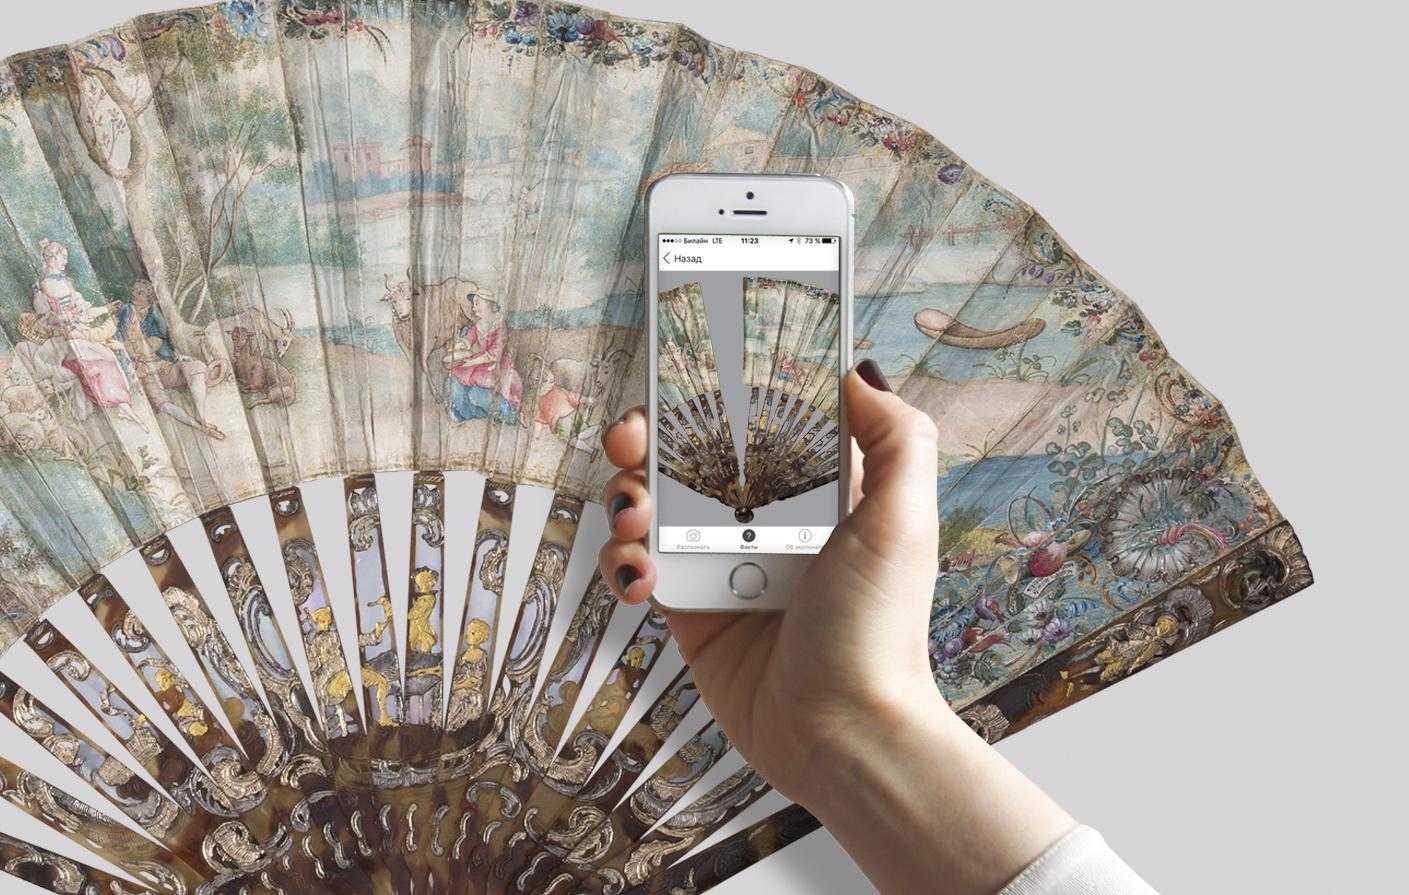 Artefact 1 - Министерство культуры РФ выпустило приложение для российских музеев с дополненной реальностью